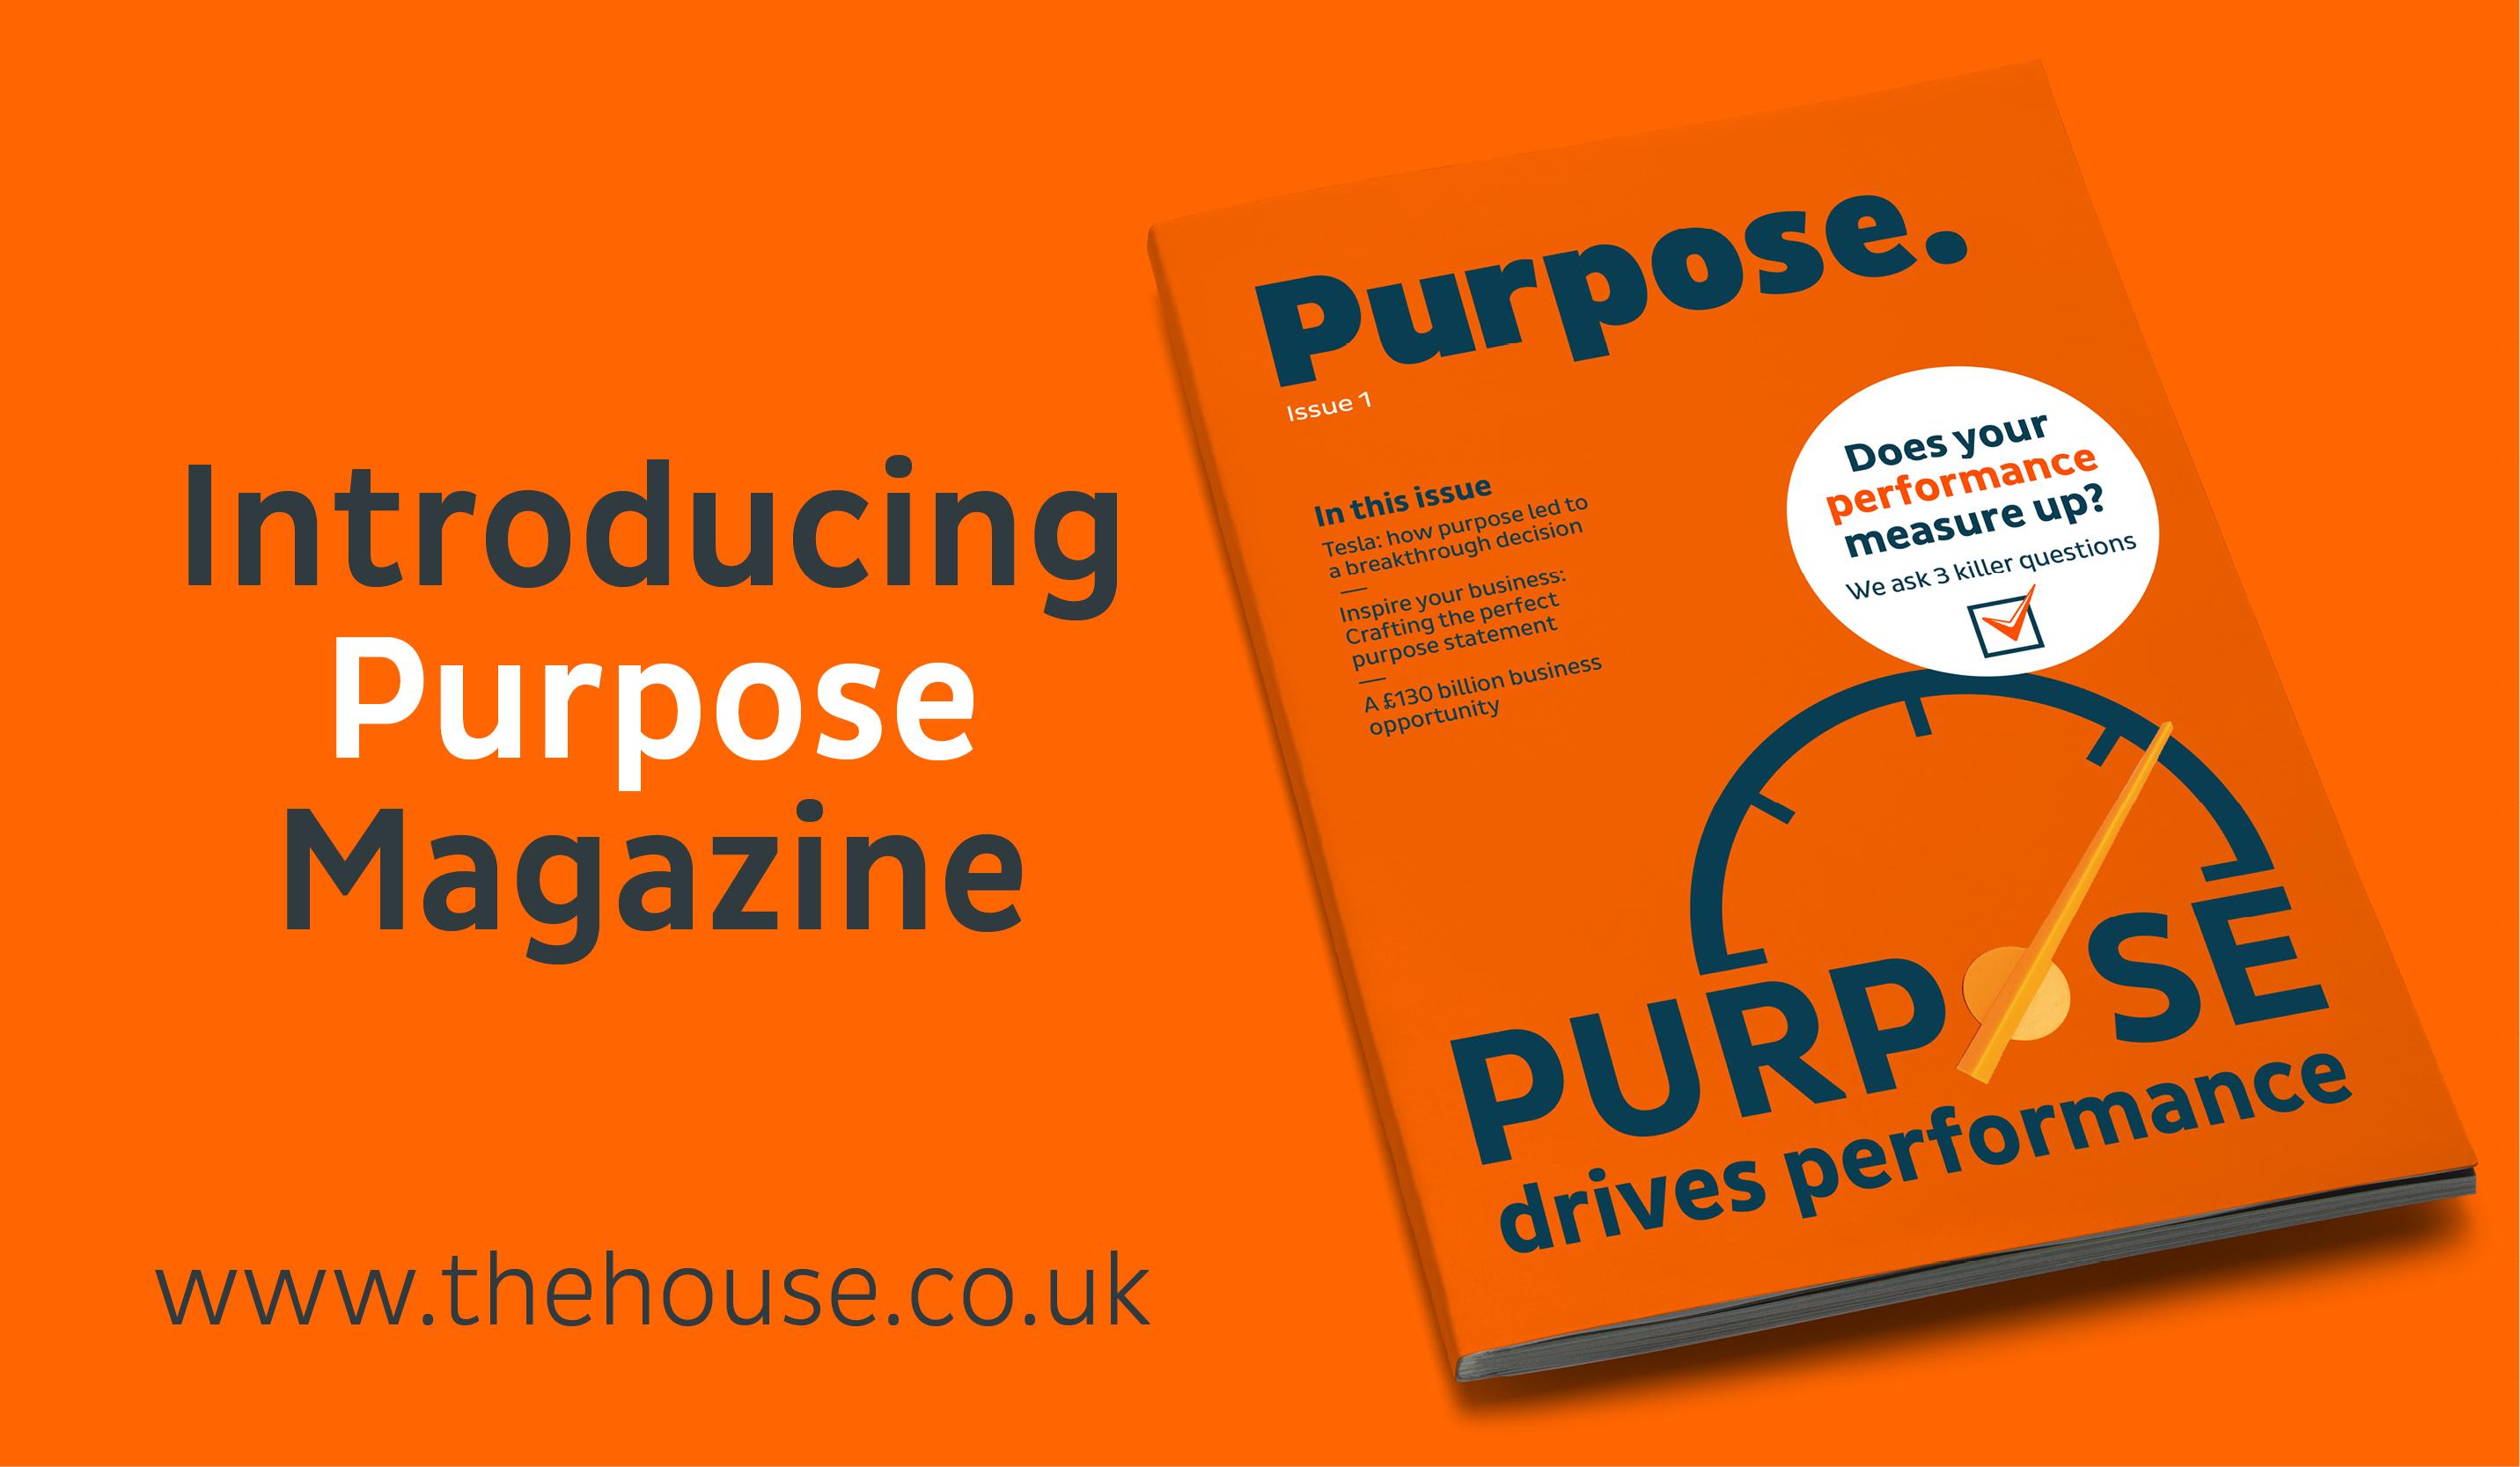 Introducing Purpose Magazine